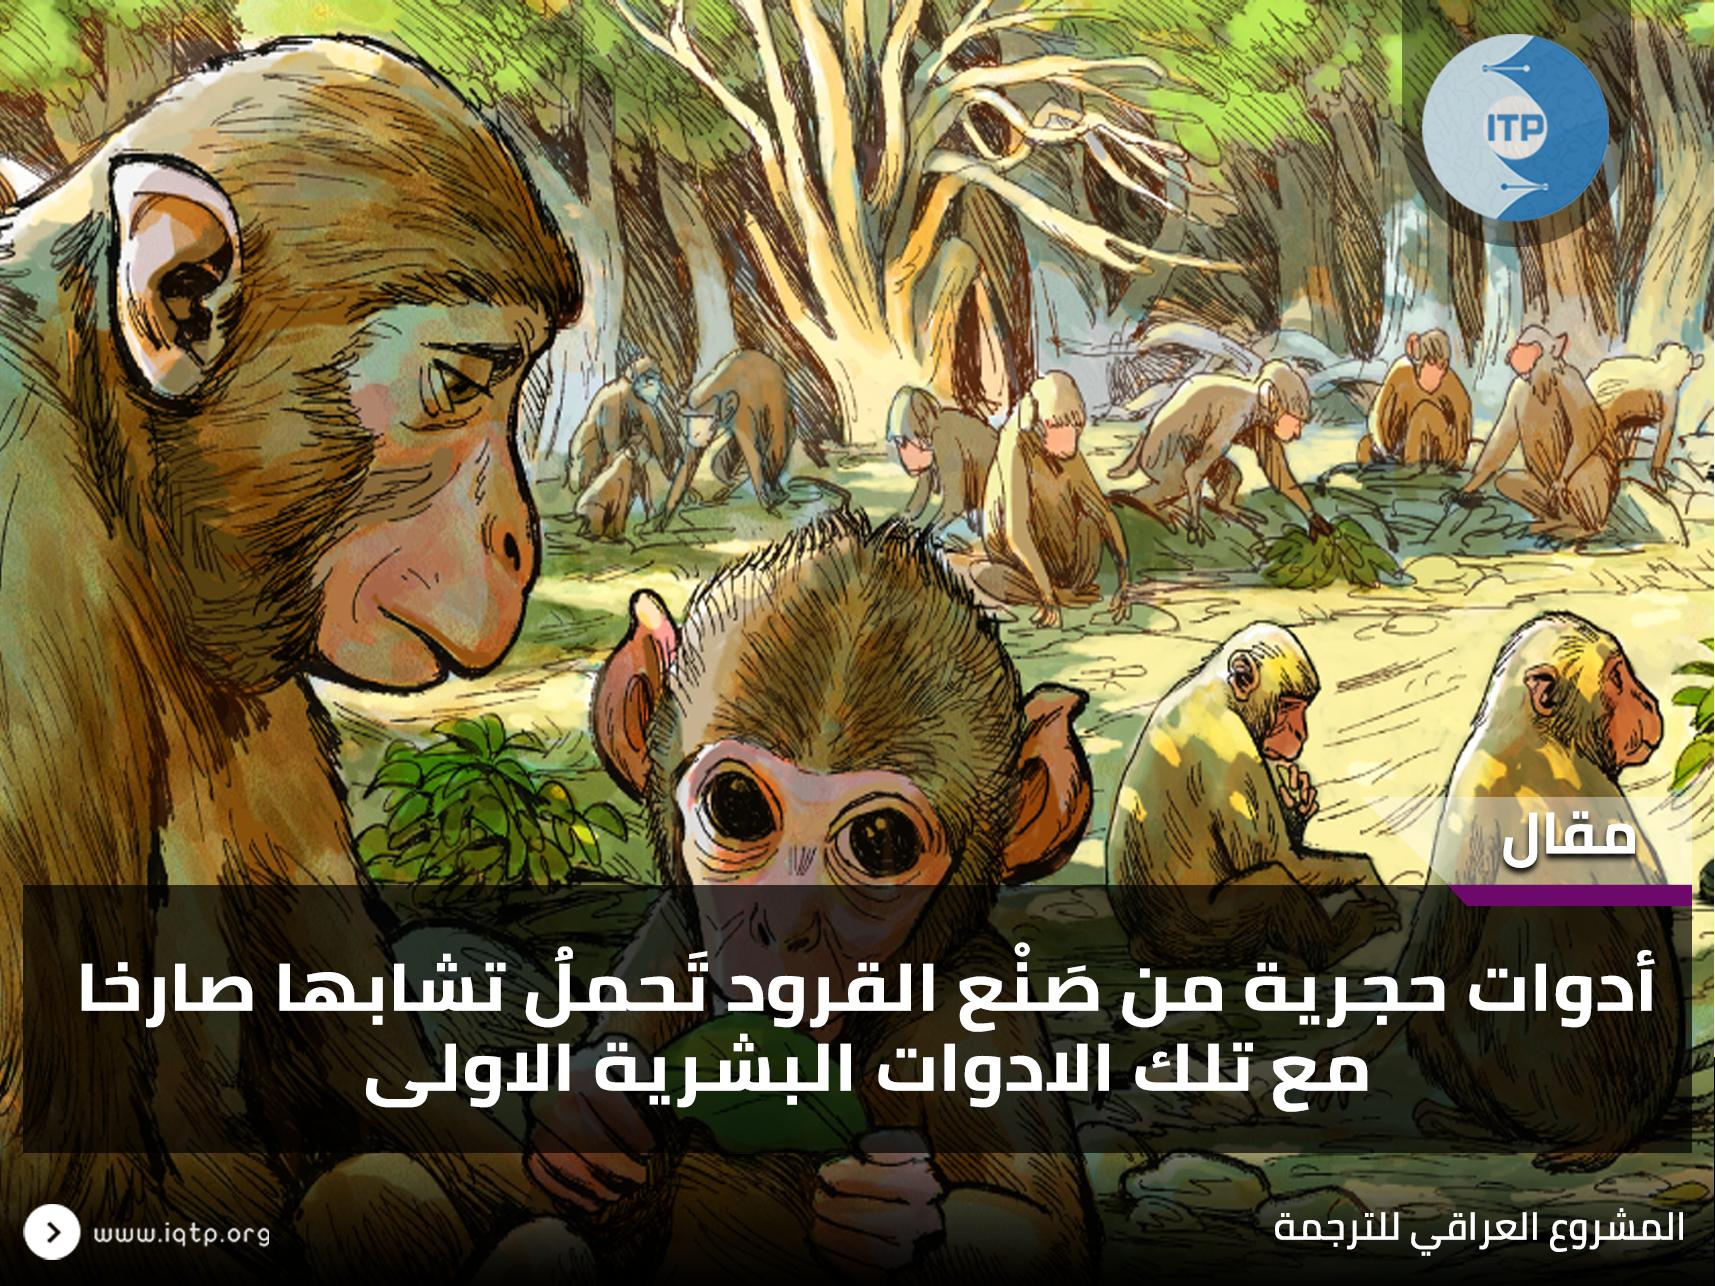 أدوات حجرية من صَنْع القرود تَحملُ تشابها صارخا مع تلك الادوات البشرية الاولى